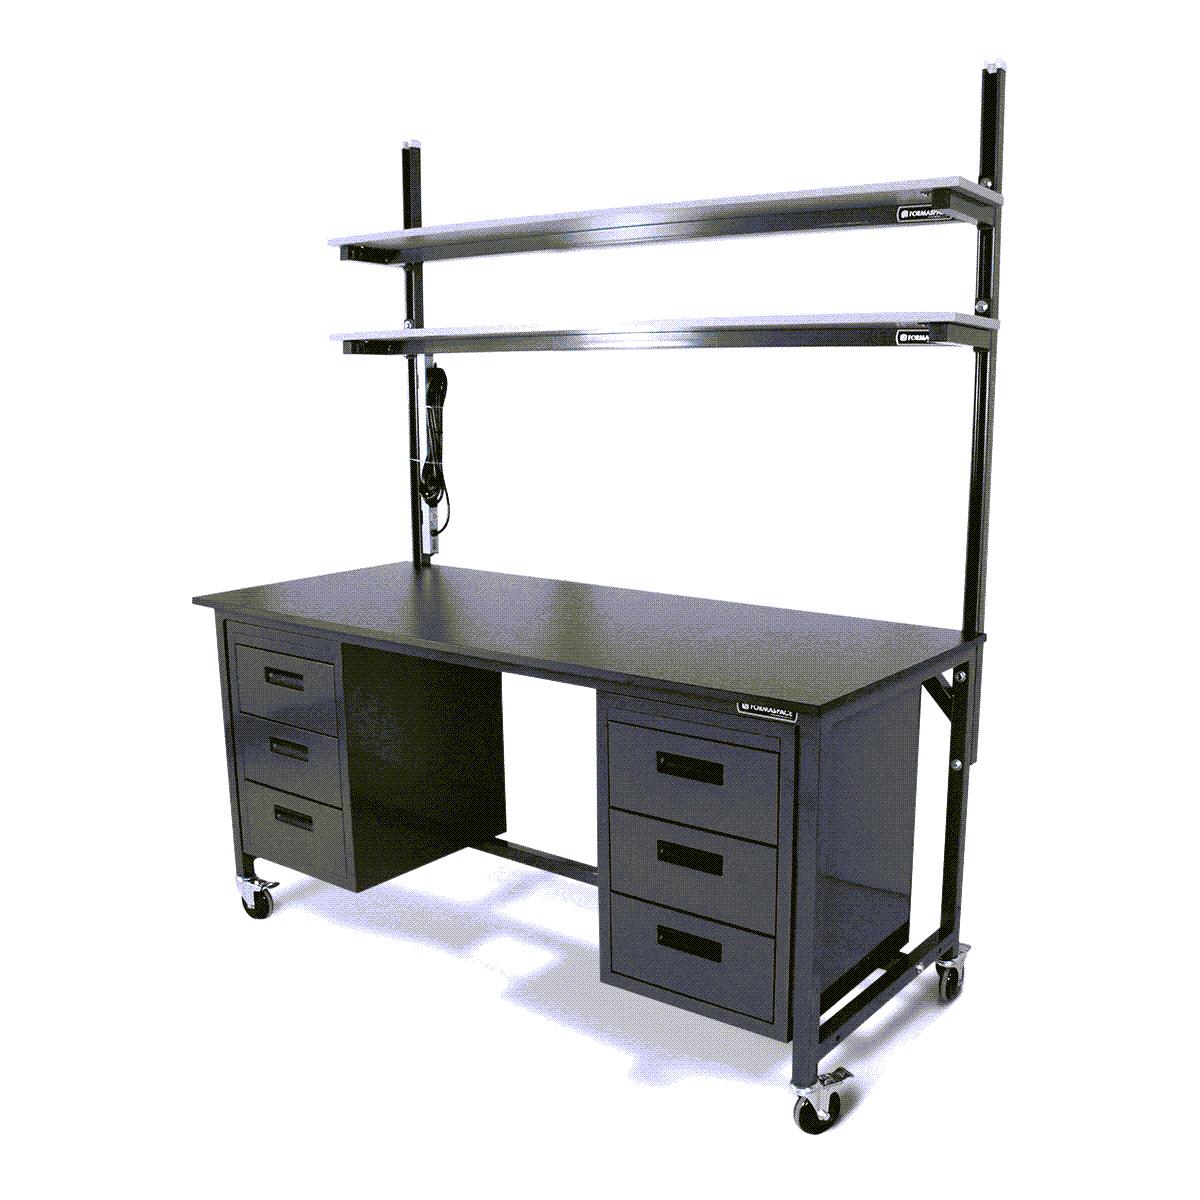 modified benchmarx with storage